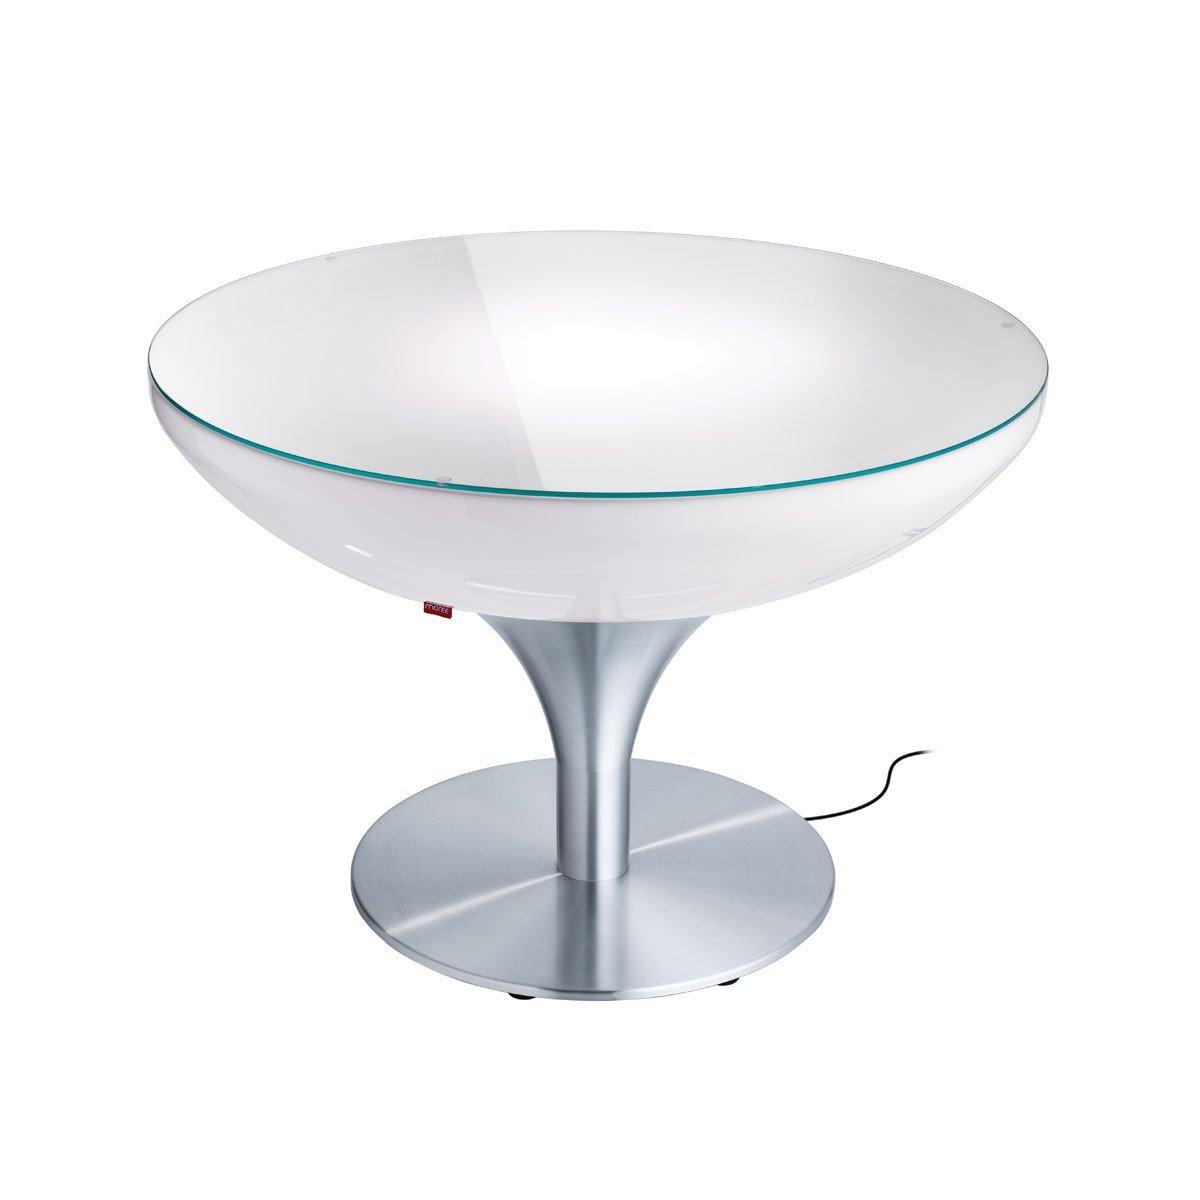 Couchtisch Lounge Größe: 55 cm H x 84 cm Ø günstig kaufen